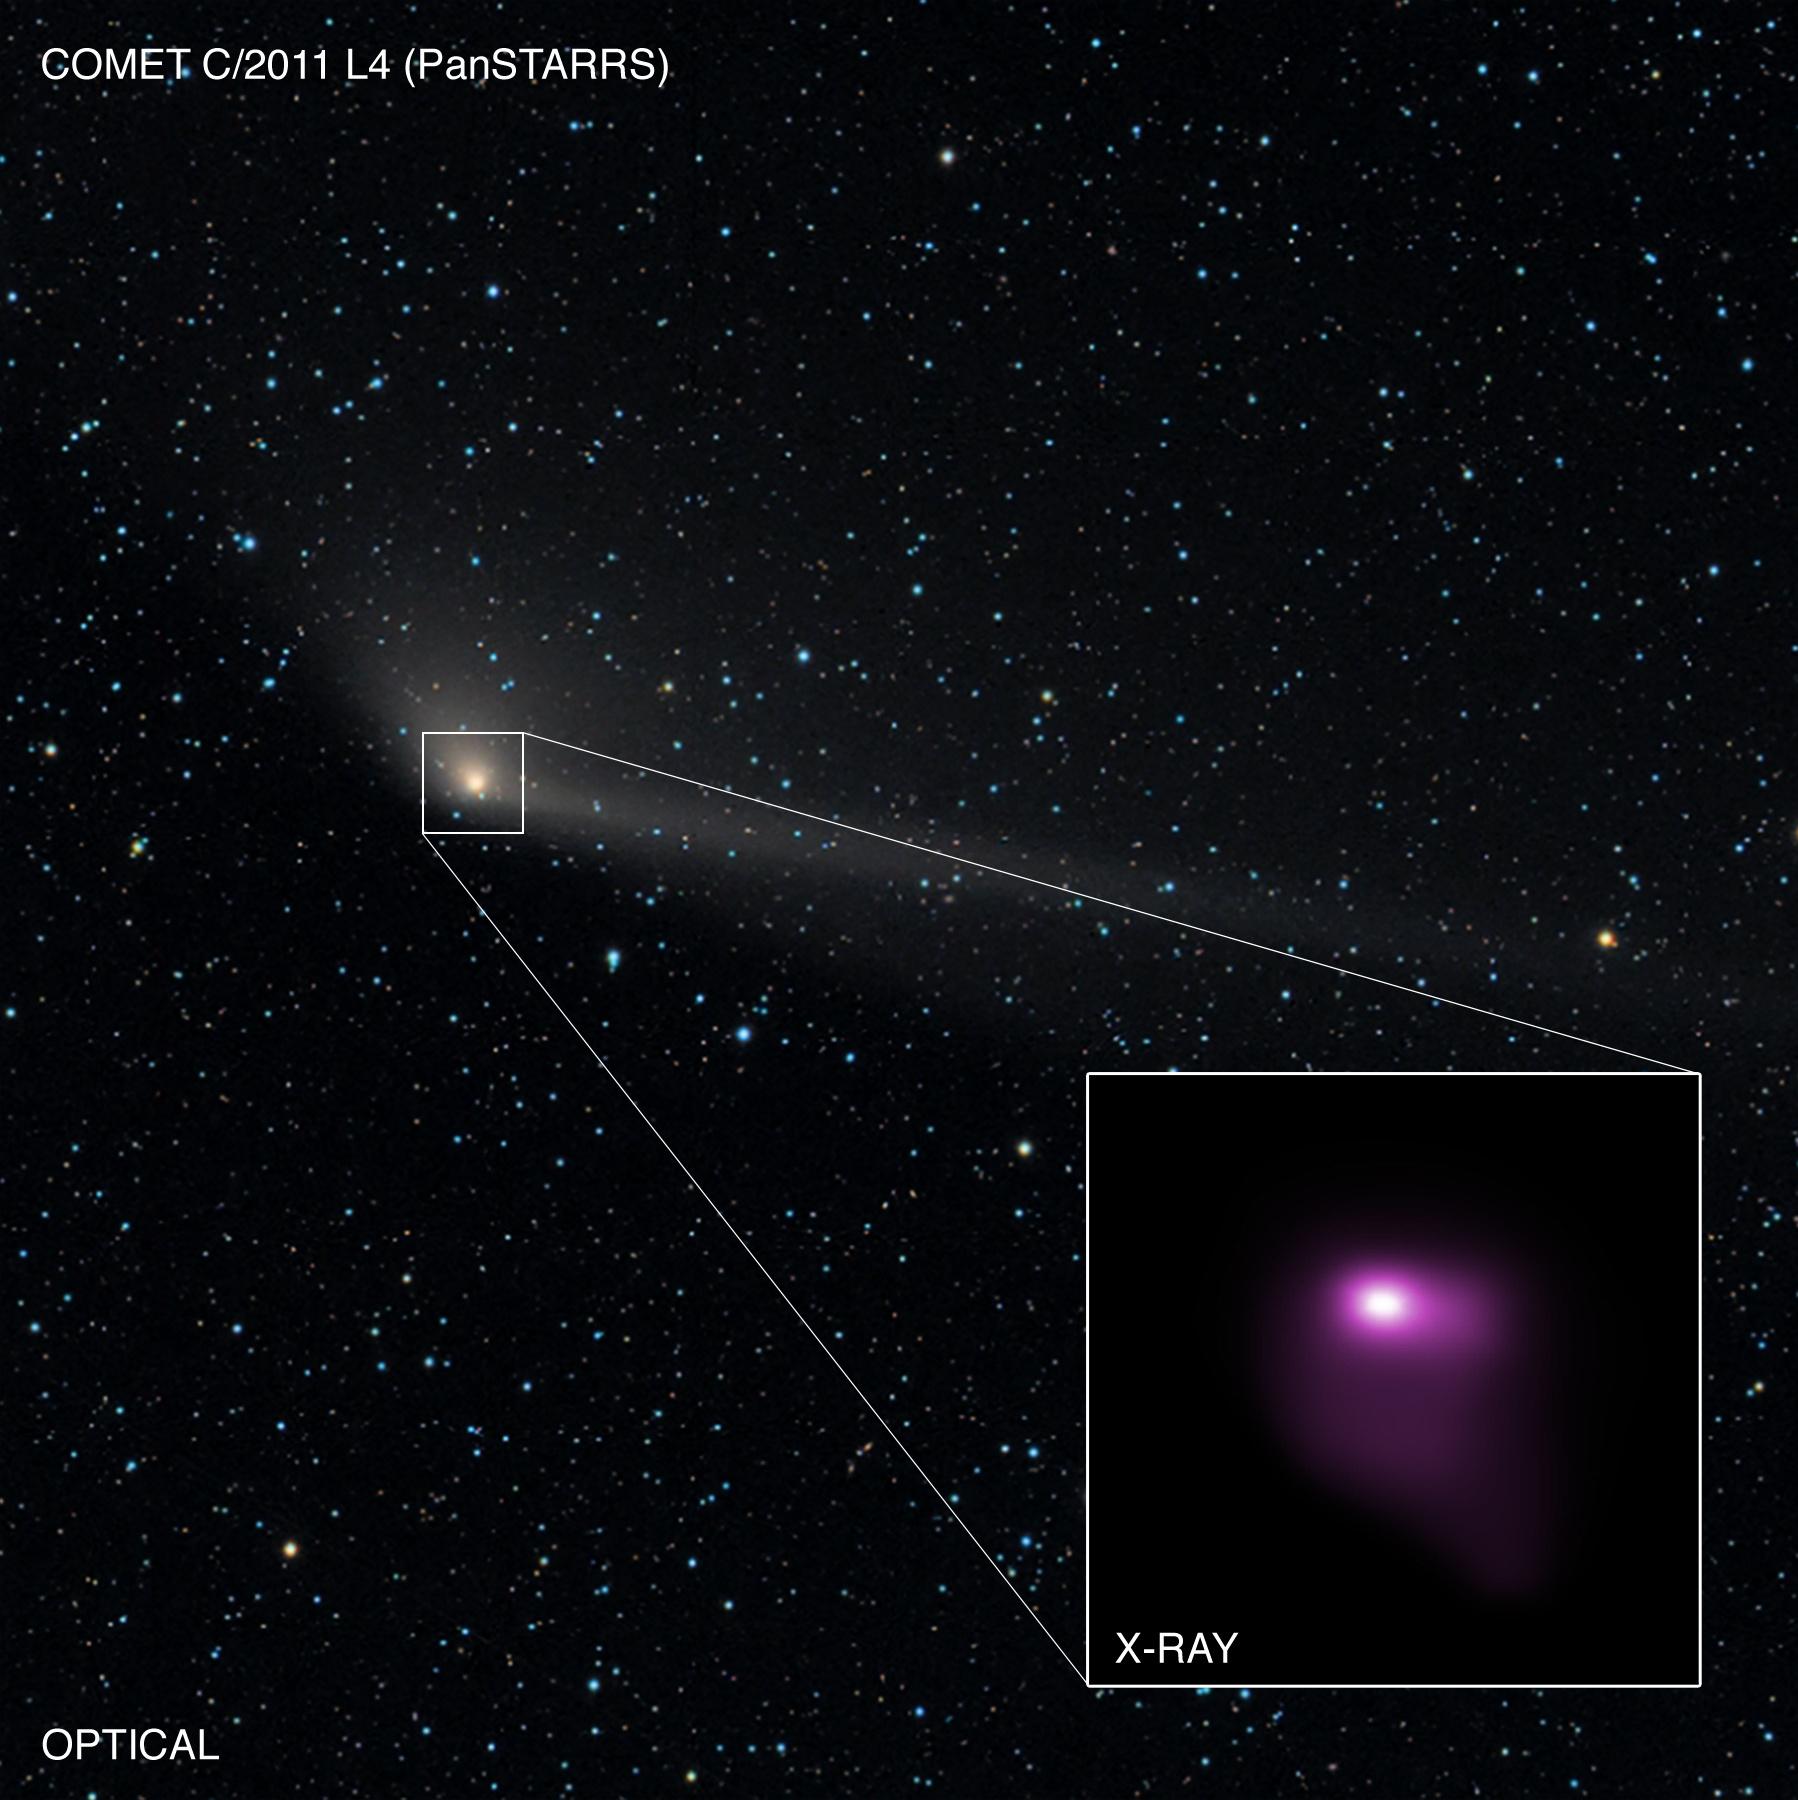 NASA/CXC/Univ. of CT/B.Snios et al, Optical: Damian Peach (damianpeach.com)